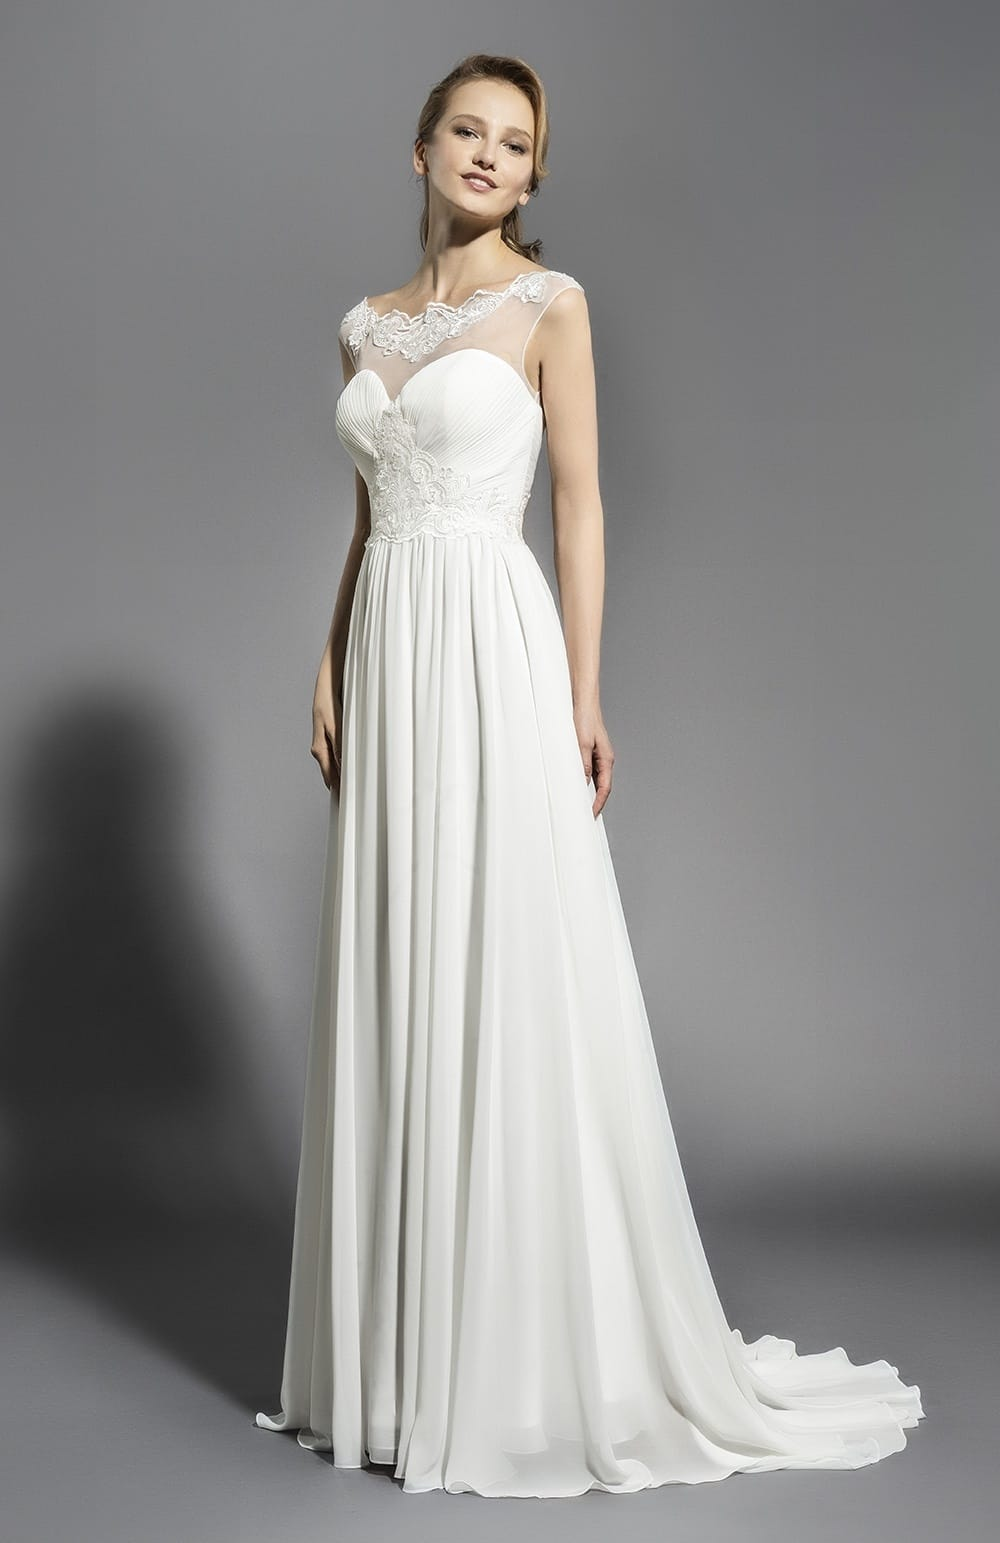 Robe de mariée Modèle Phoebe